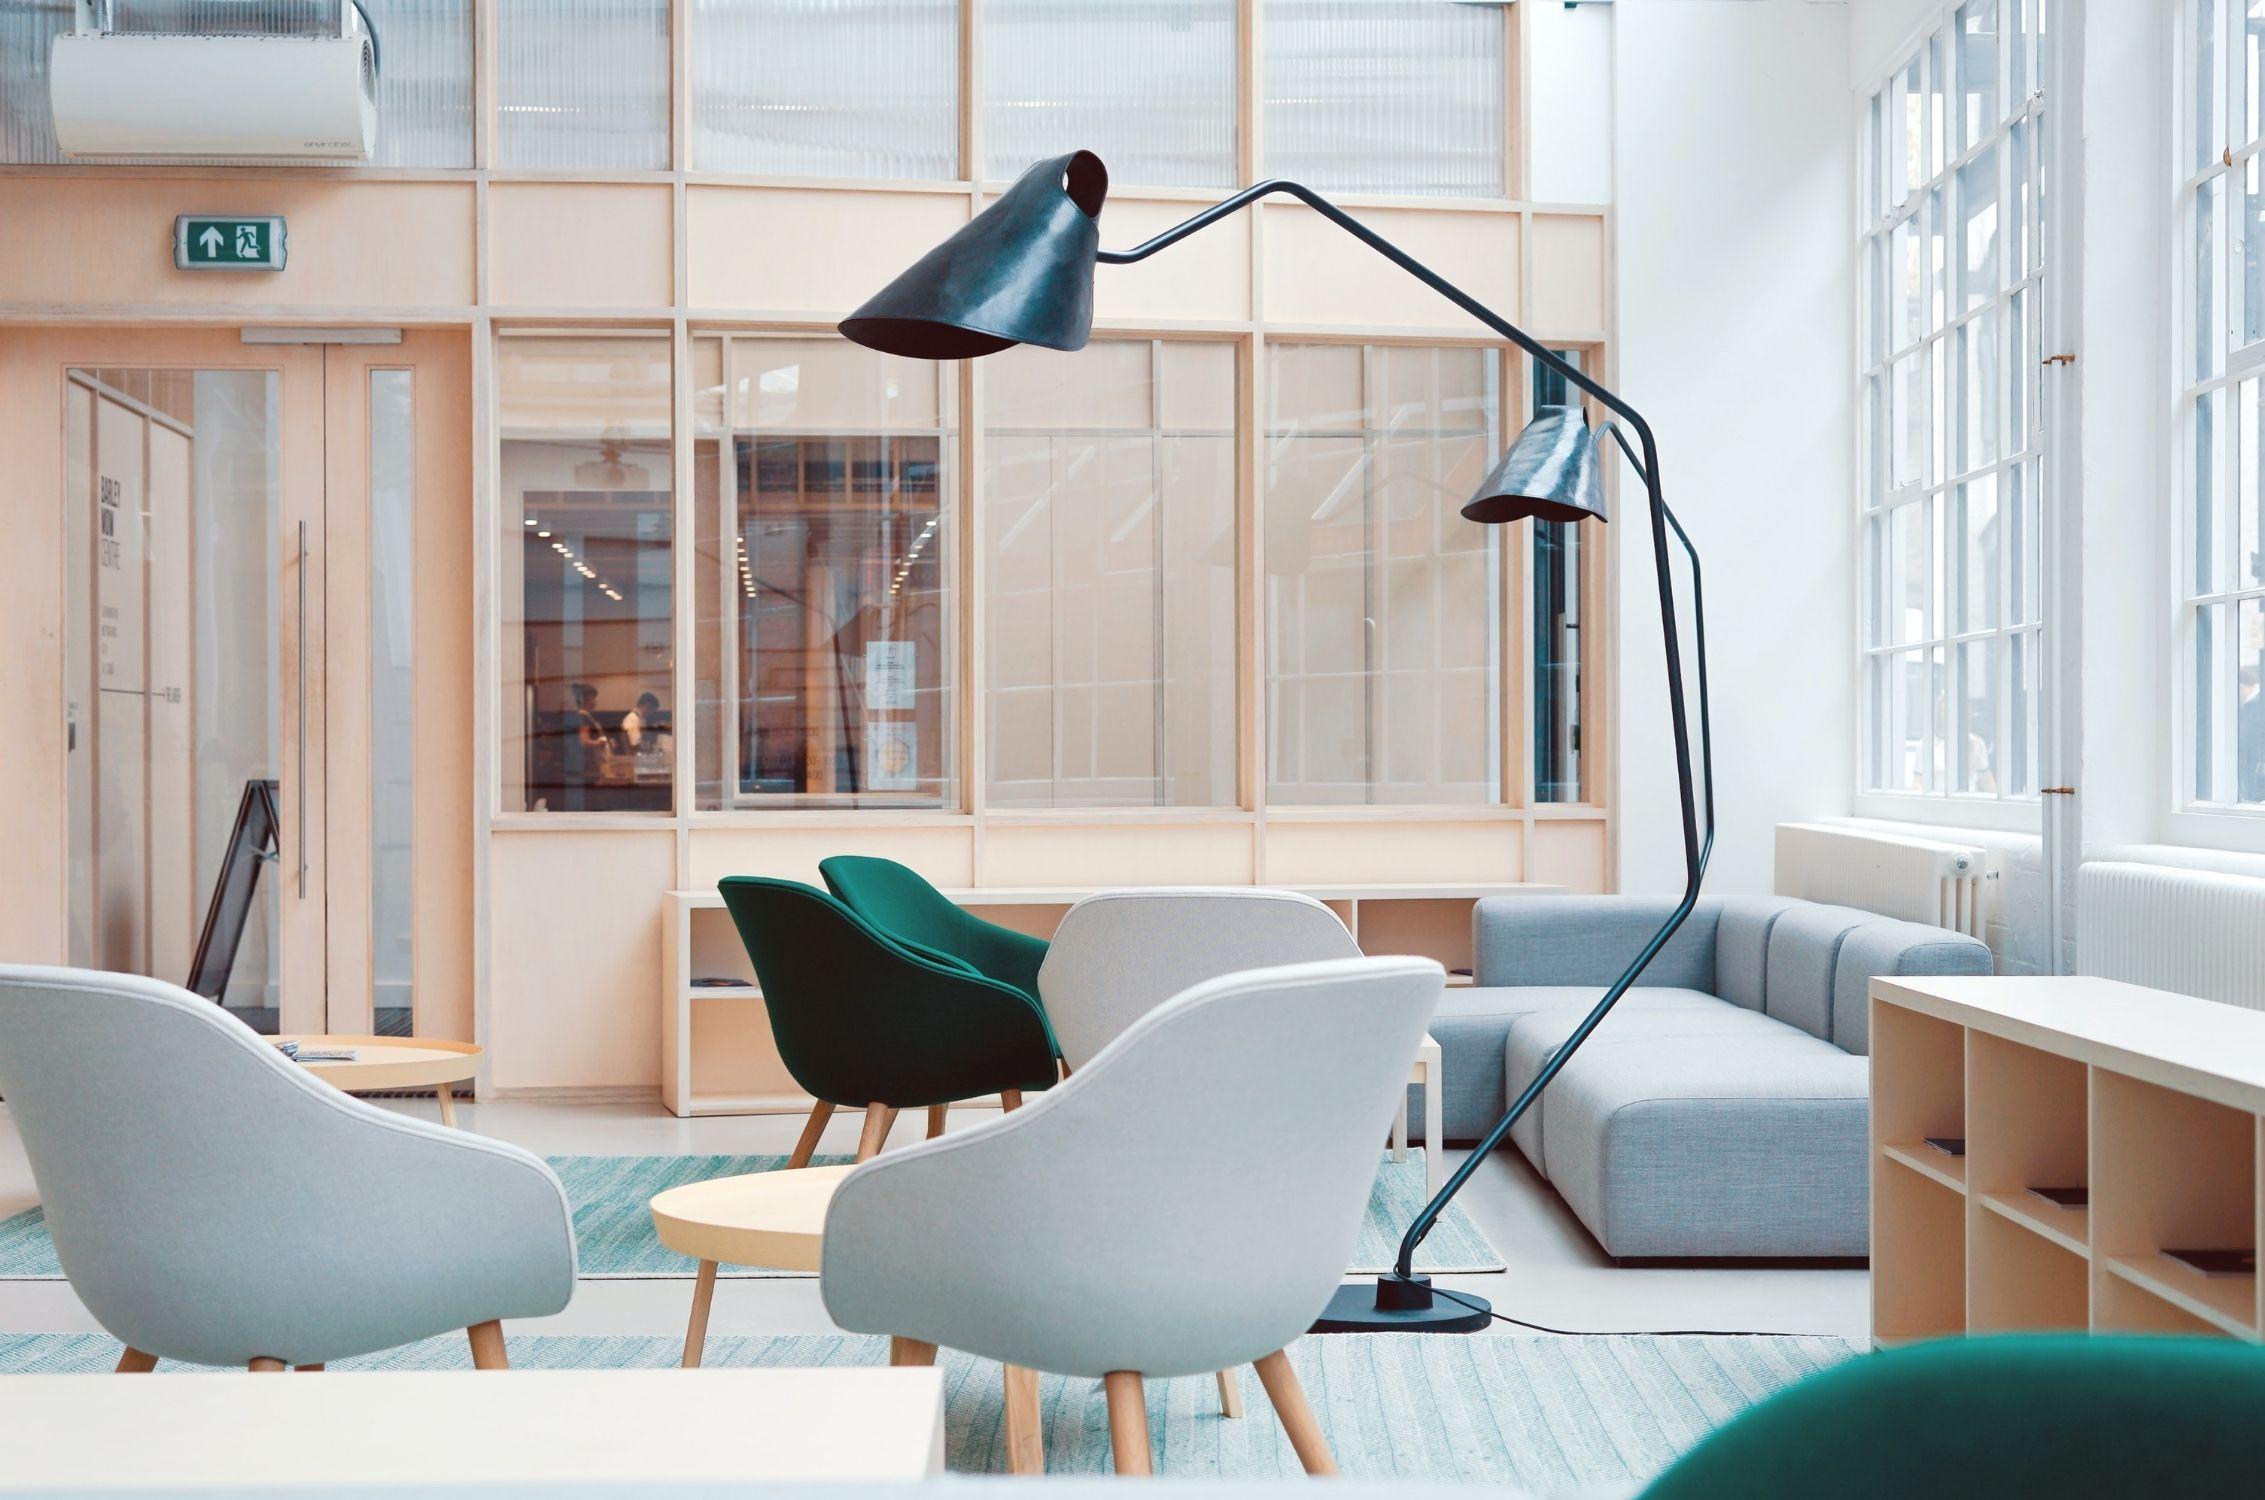 Les nouvelles tendances des espaces de travail | MerciYanis